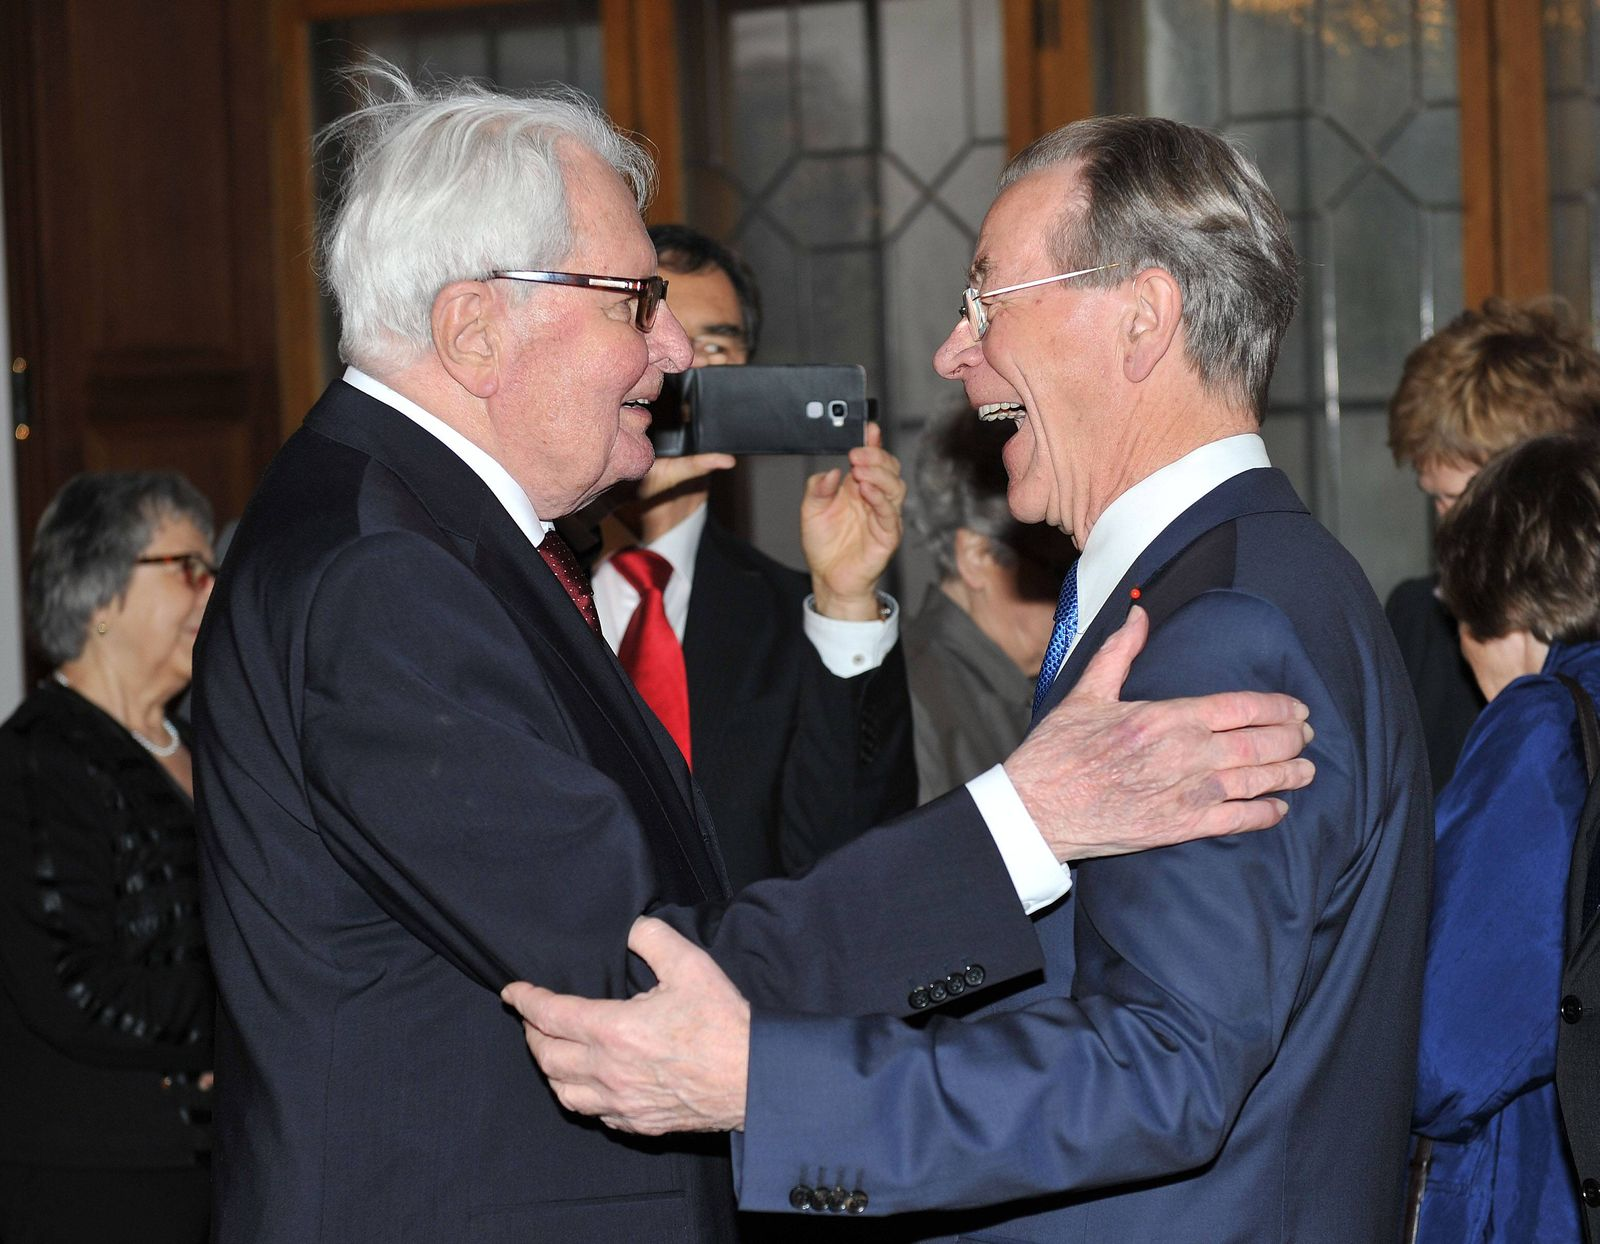 Festakt zum 90 Geburtstag von Hans Jochgen Vogel im Alten Rathaus M¸nchen Hans Jochen Vogel und Fra